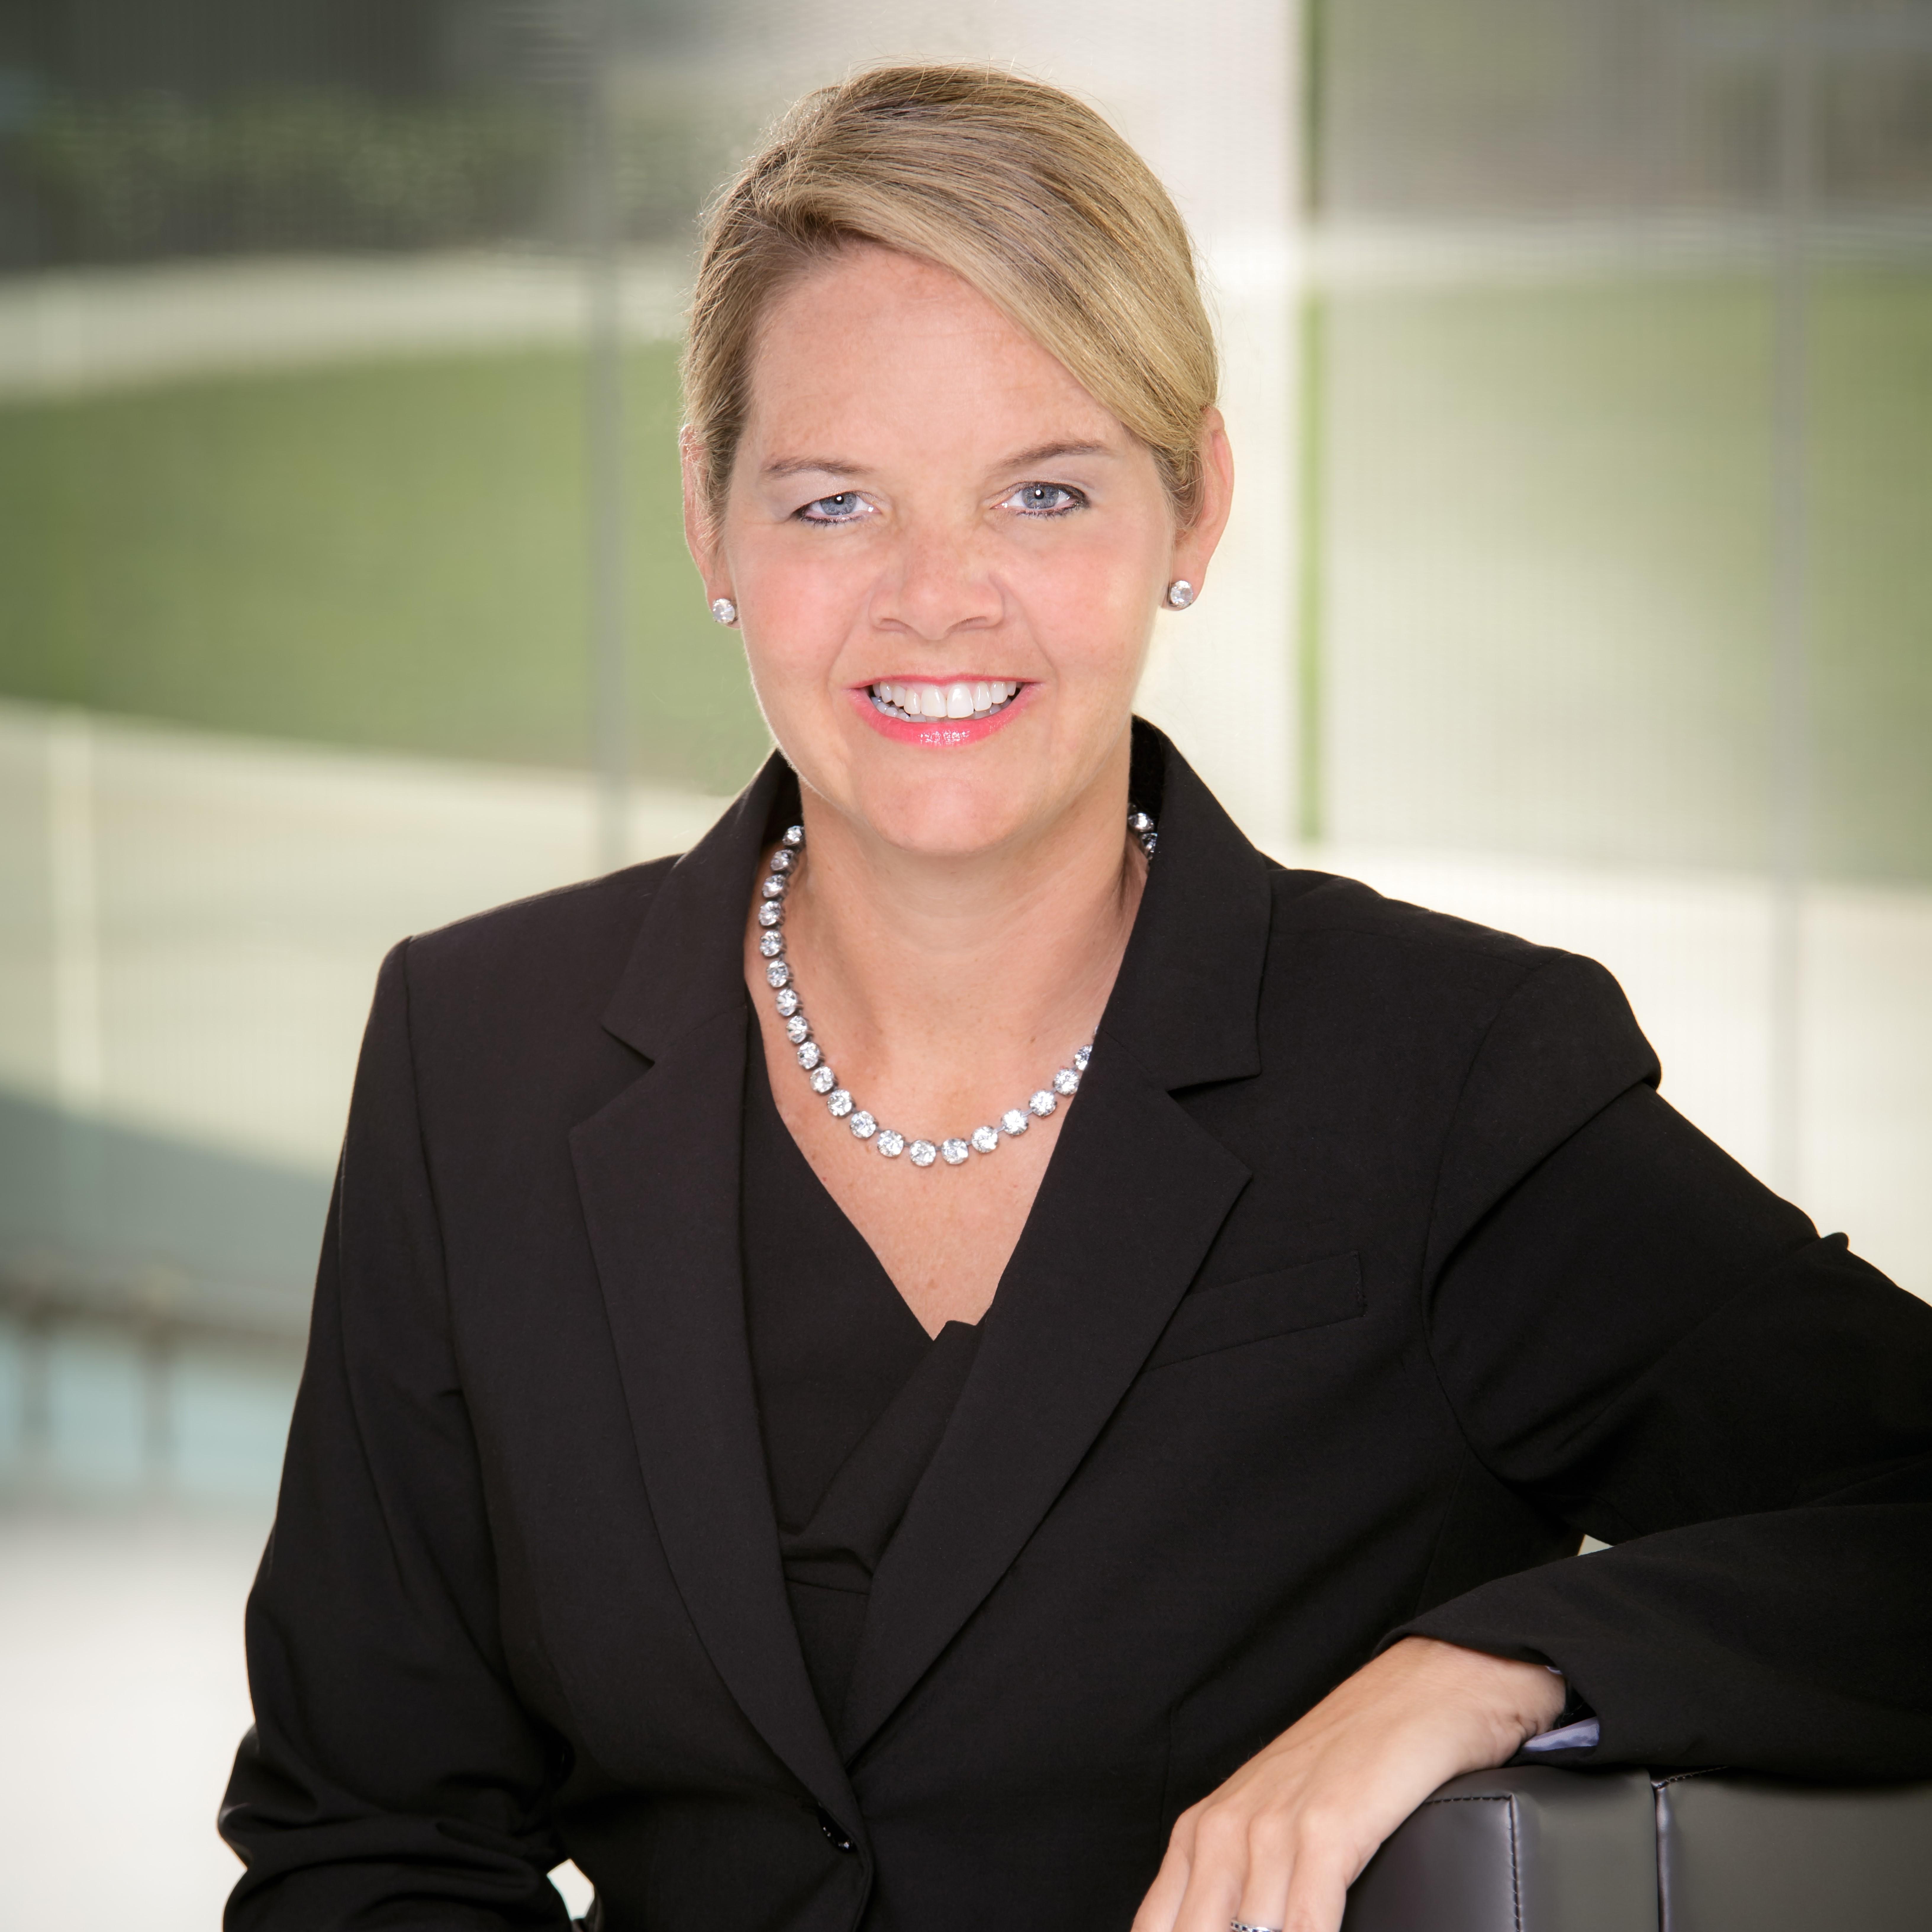 Gretchen Corbin, President & CEO, Georgia Lottery Corp.